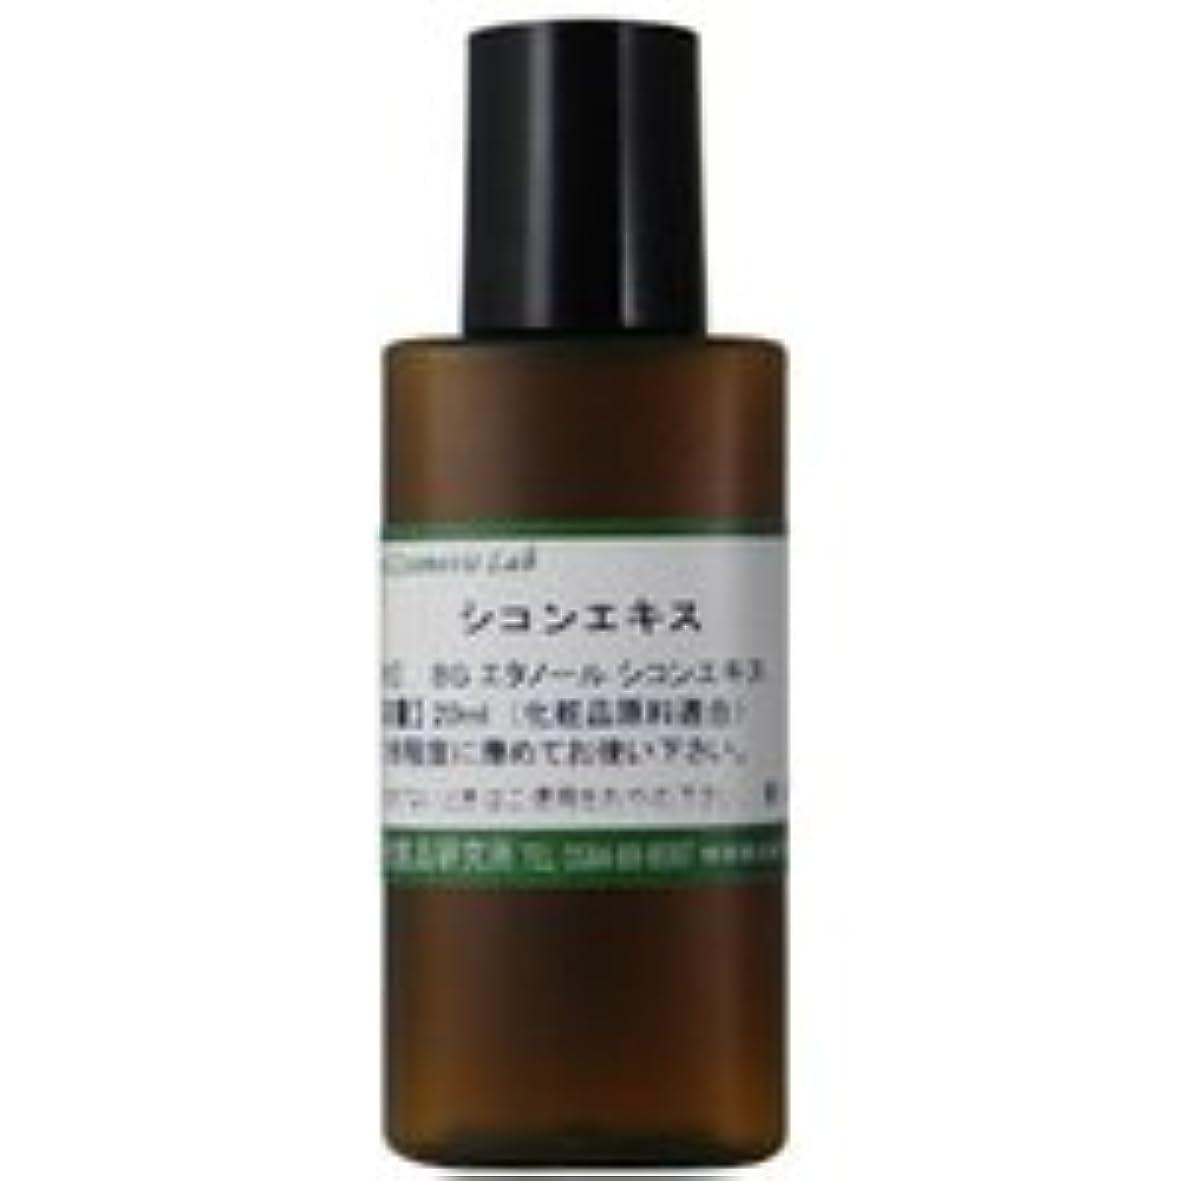 会社常識すぐに紫根エキス 20ml (シコンエキス) 【手作り化粧品原料】